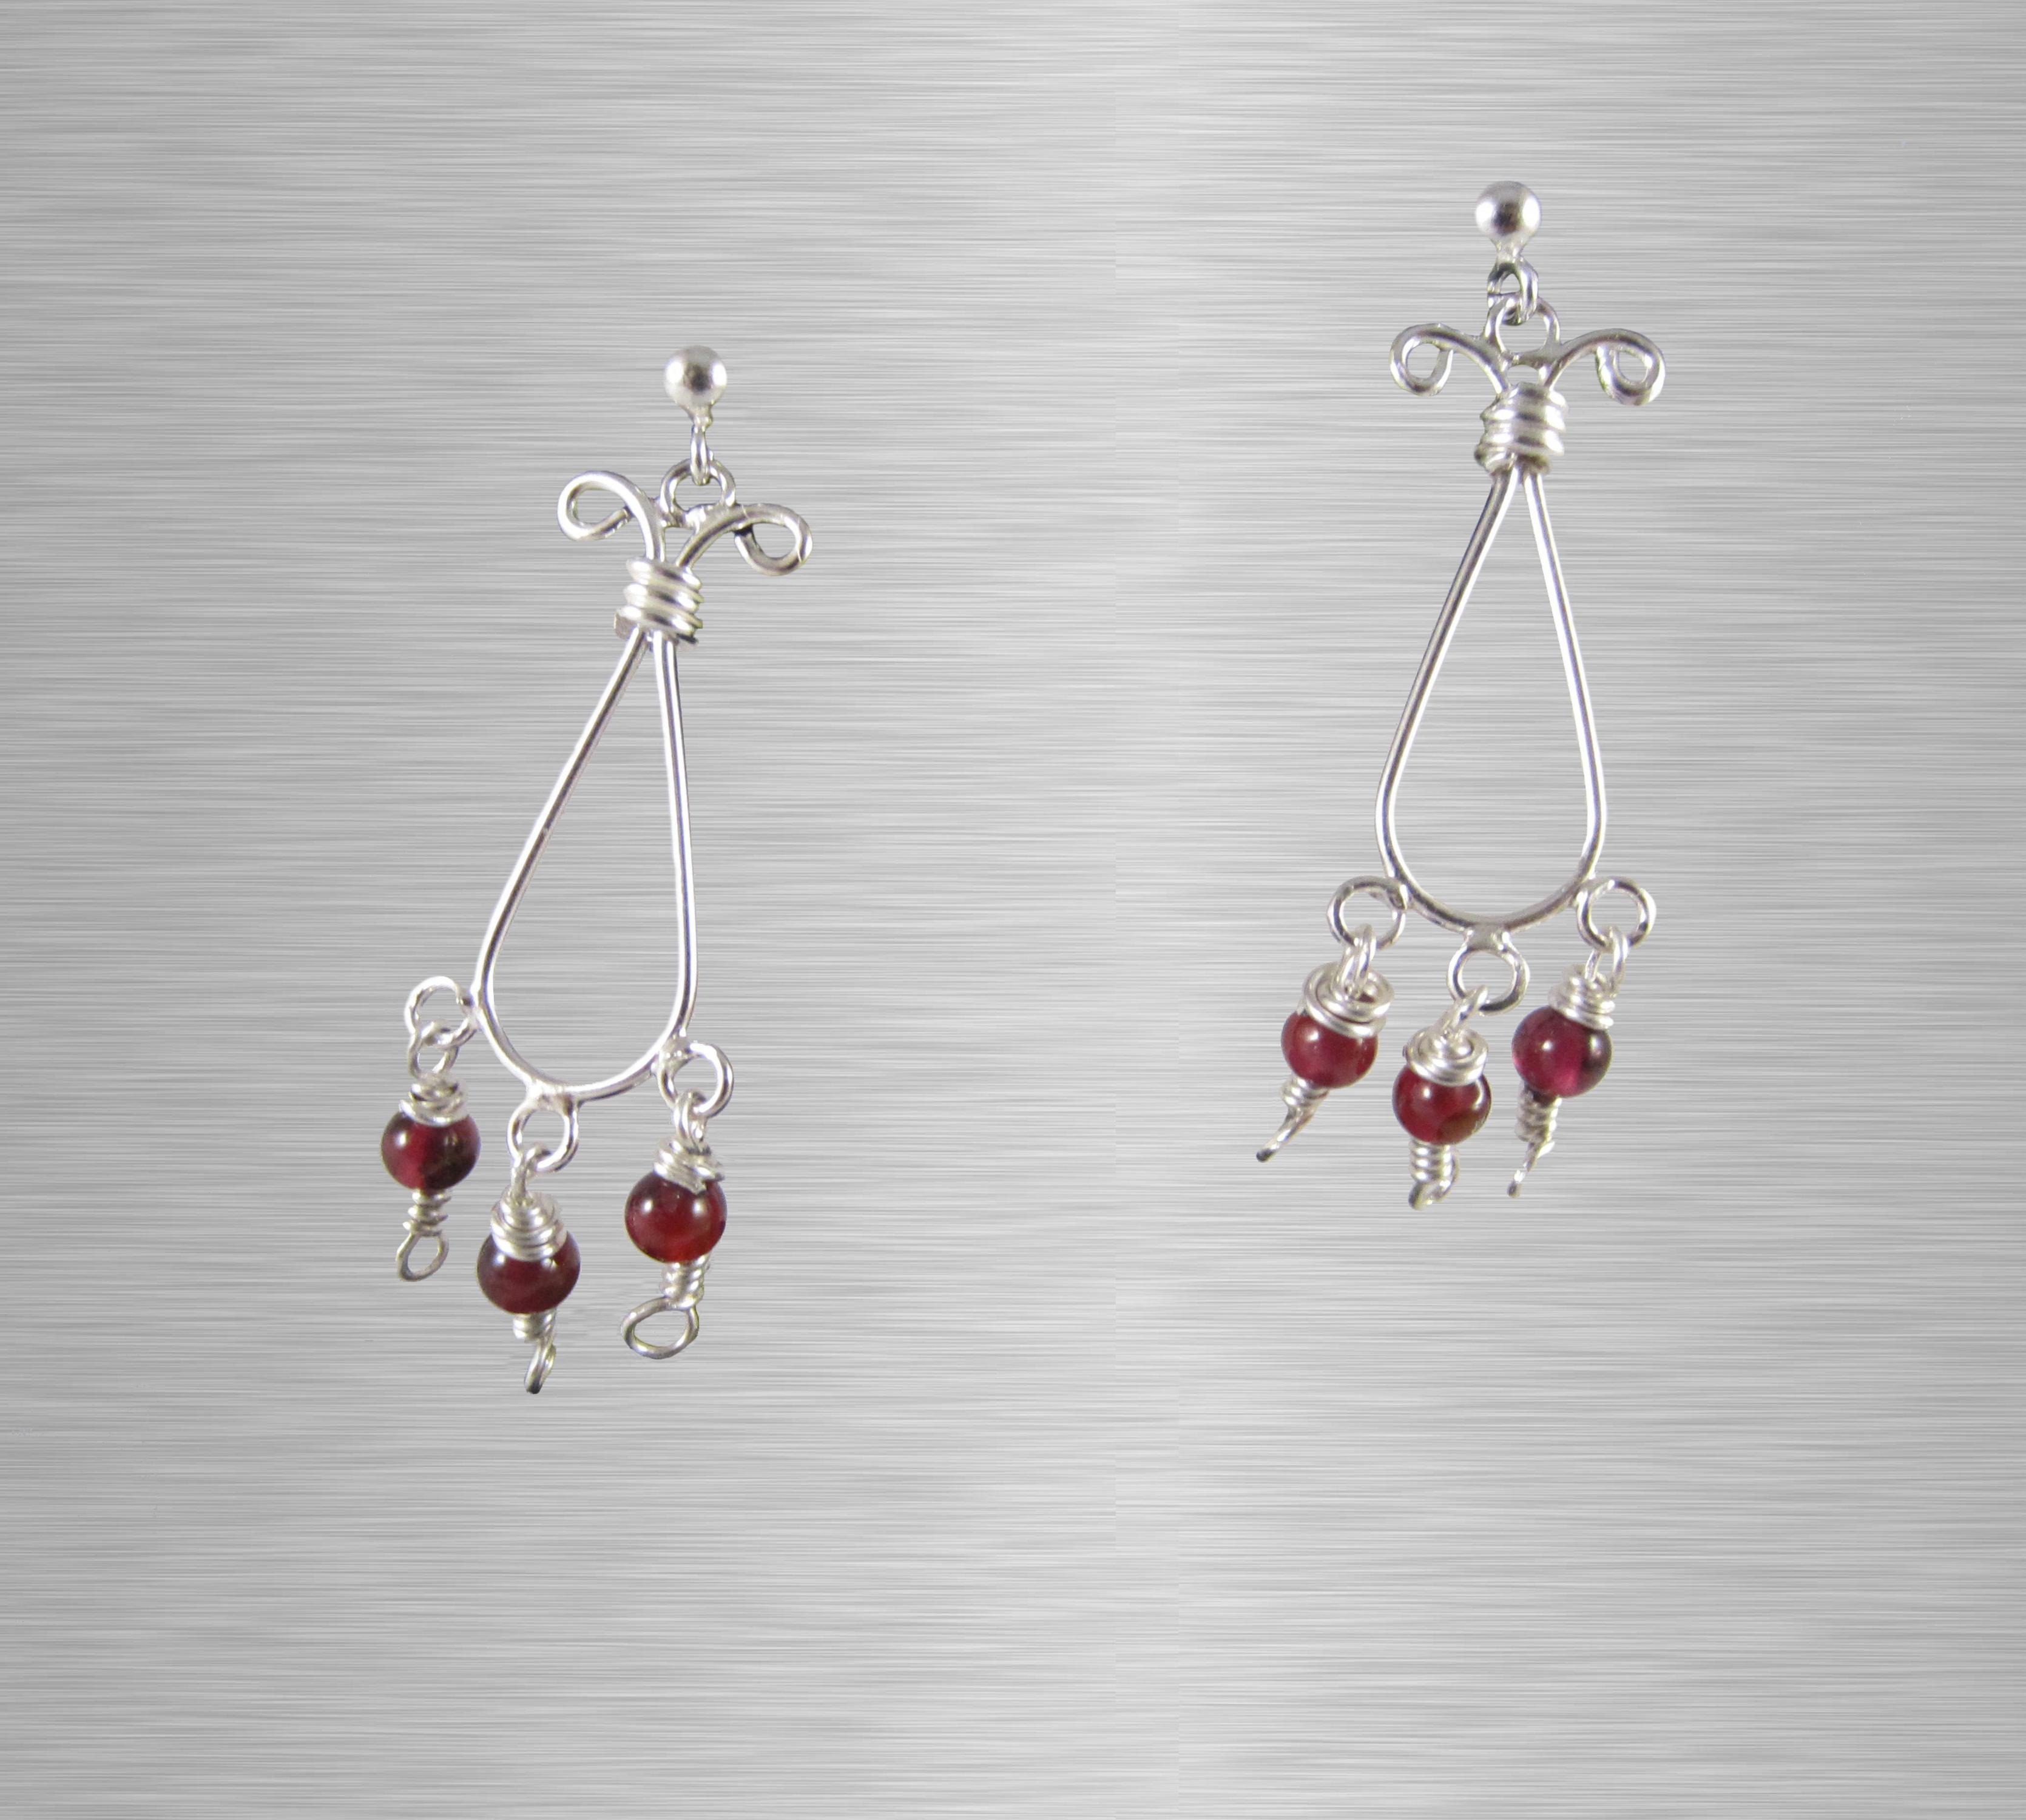 garnet earrings retouched. v.good